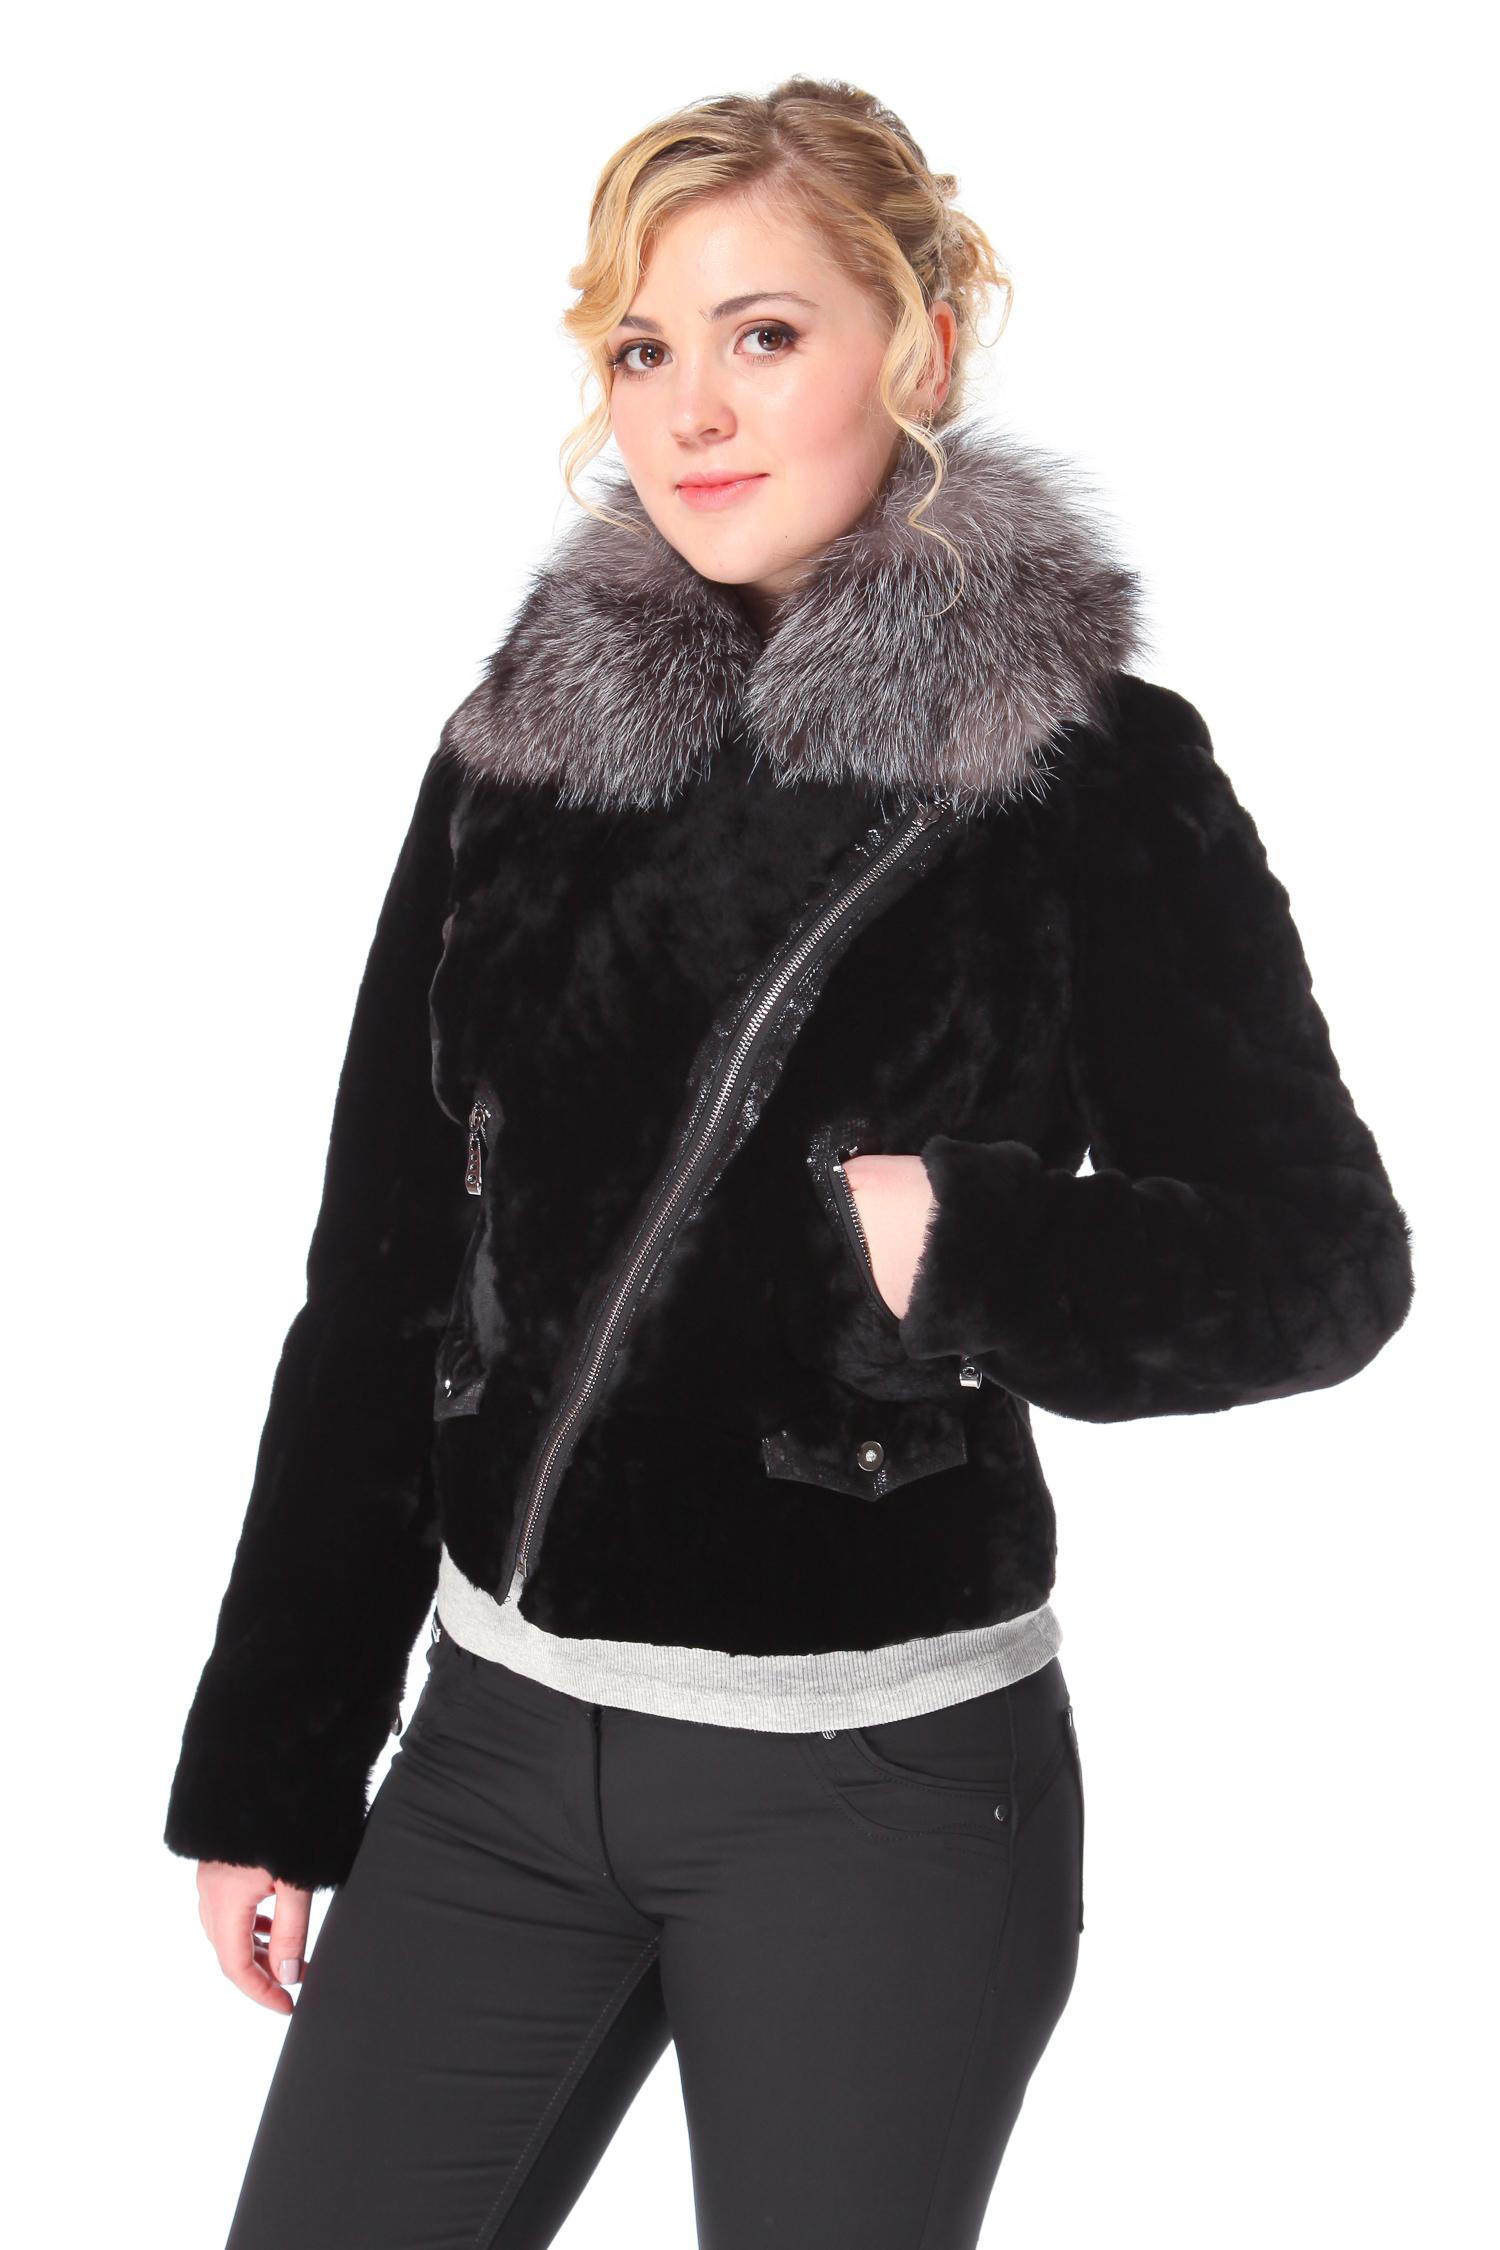 Куртка из мутона с воротником, отделка лиса<br><br>Длина см: Короткая (51-74 )<br>Цвет: черный<br>Воротник: без воротника<br>Застежка: молния<br>Пол: Женский<br>Размер RU: 40